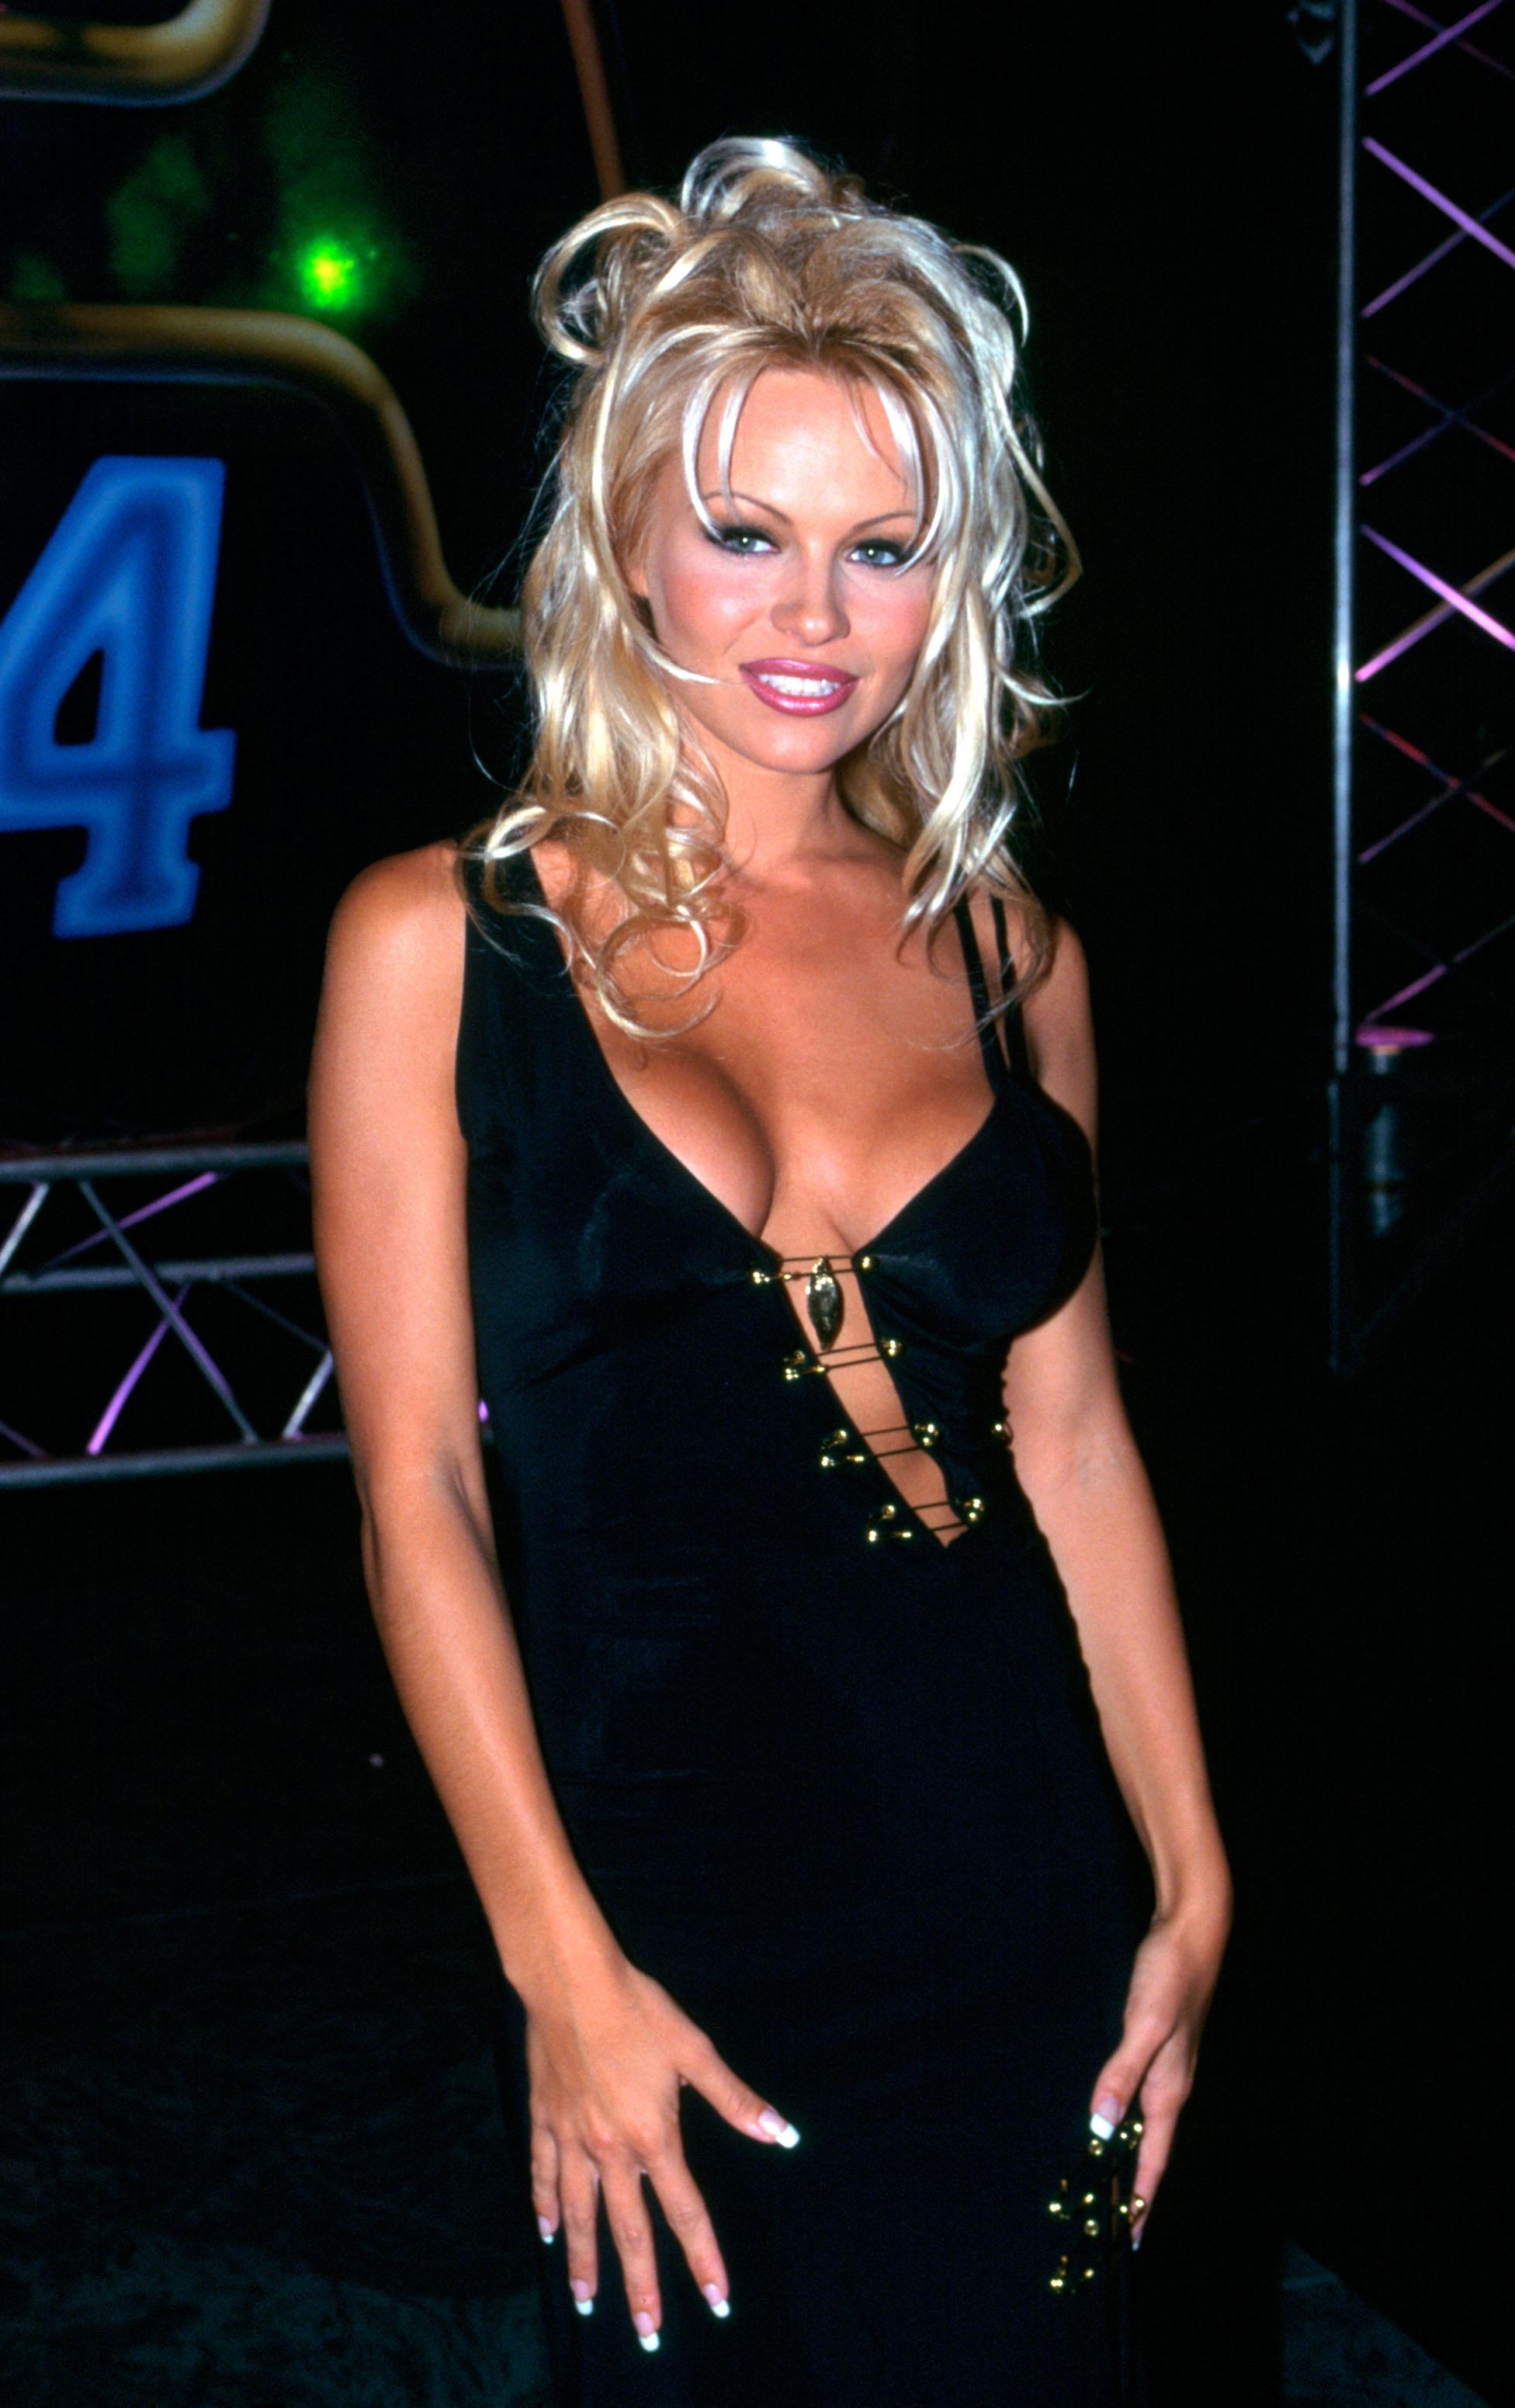 <p><strong>Памела Андерсън</strong></p>  <p>Сексбомбата открадна от Фара Фосет титлата калифорнийска красавица &ndash; руса коса на вълни, красив тен и червен бански &ndash; какво по-секси от това.</p>